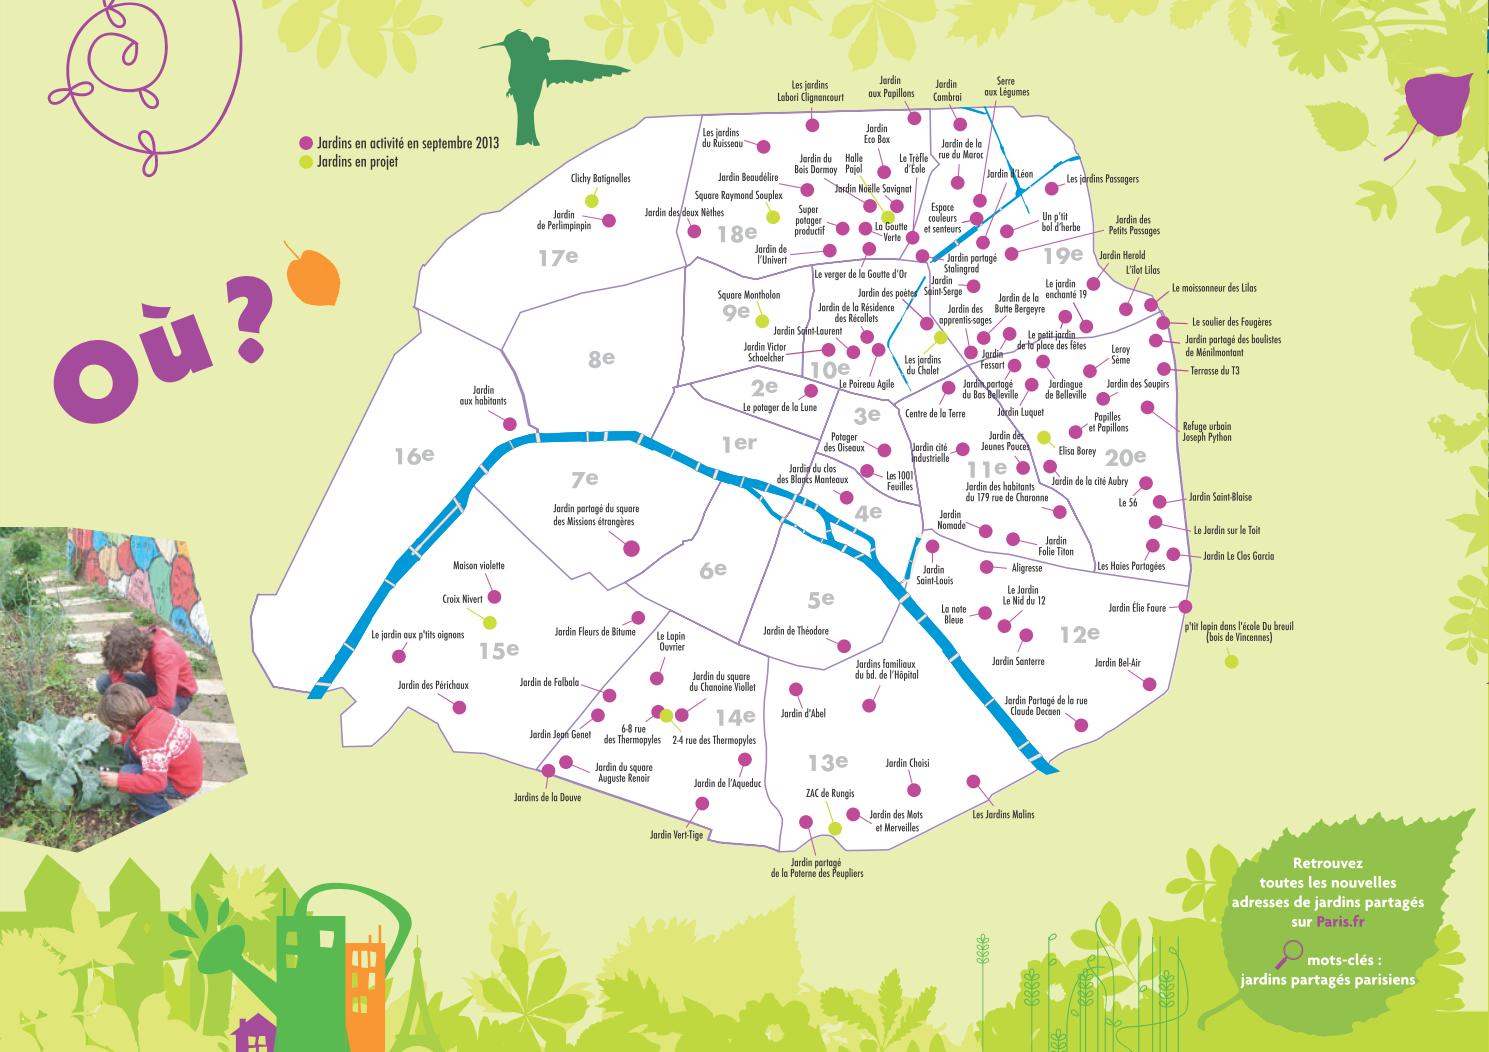 パリ北東を中心に多数の共有庭園があります。画像はパリ市が公開しているJardin partageマップ